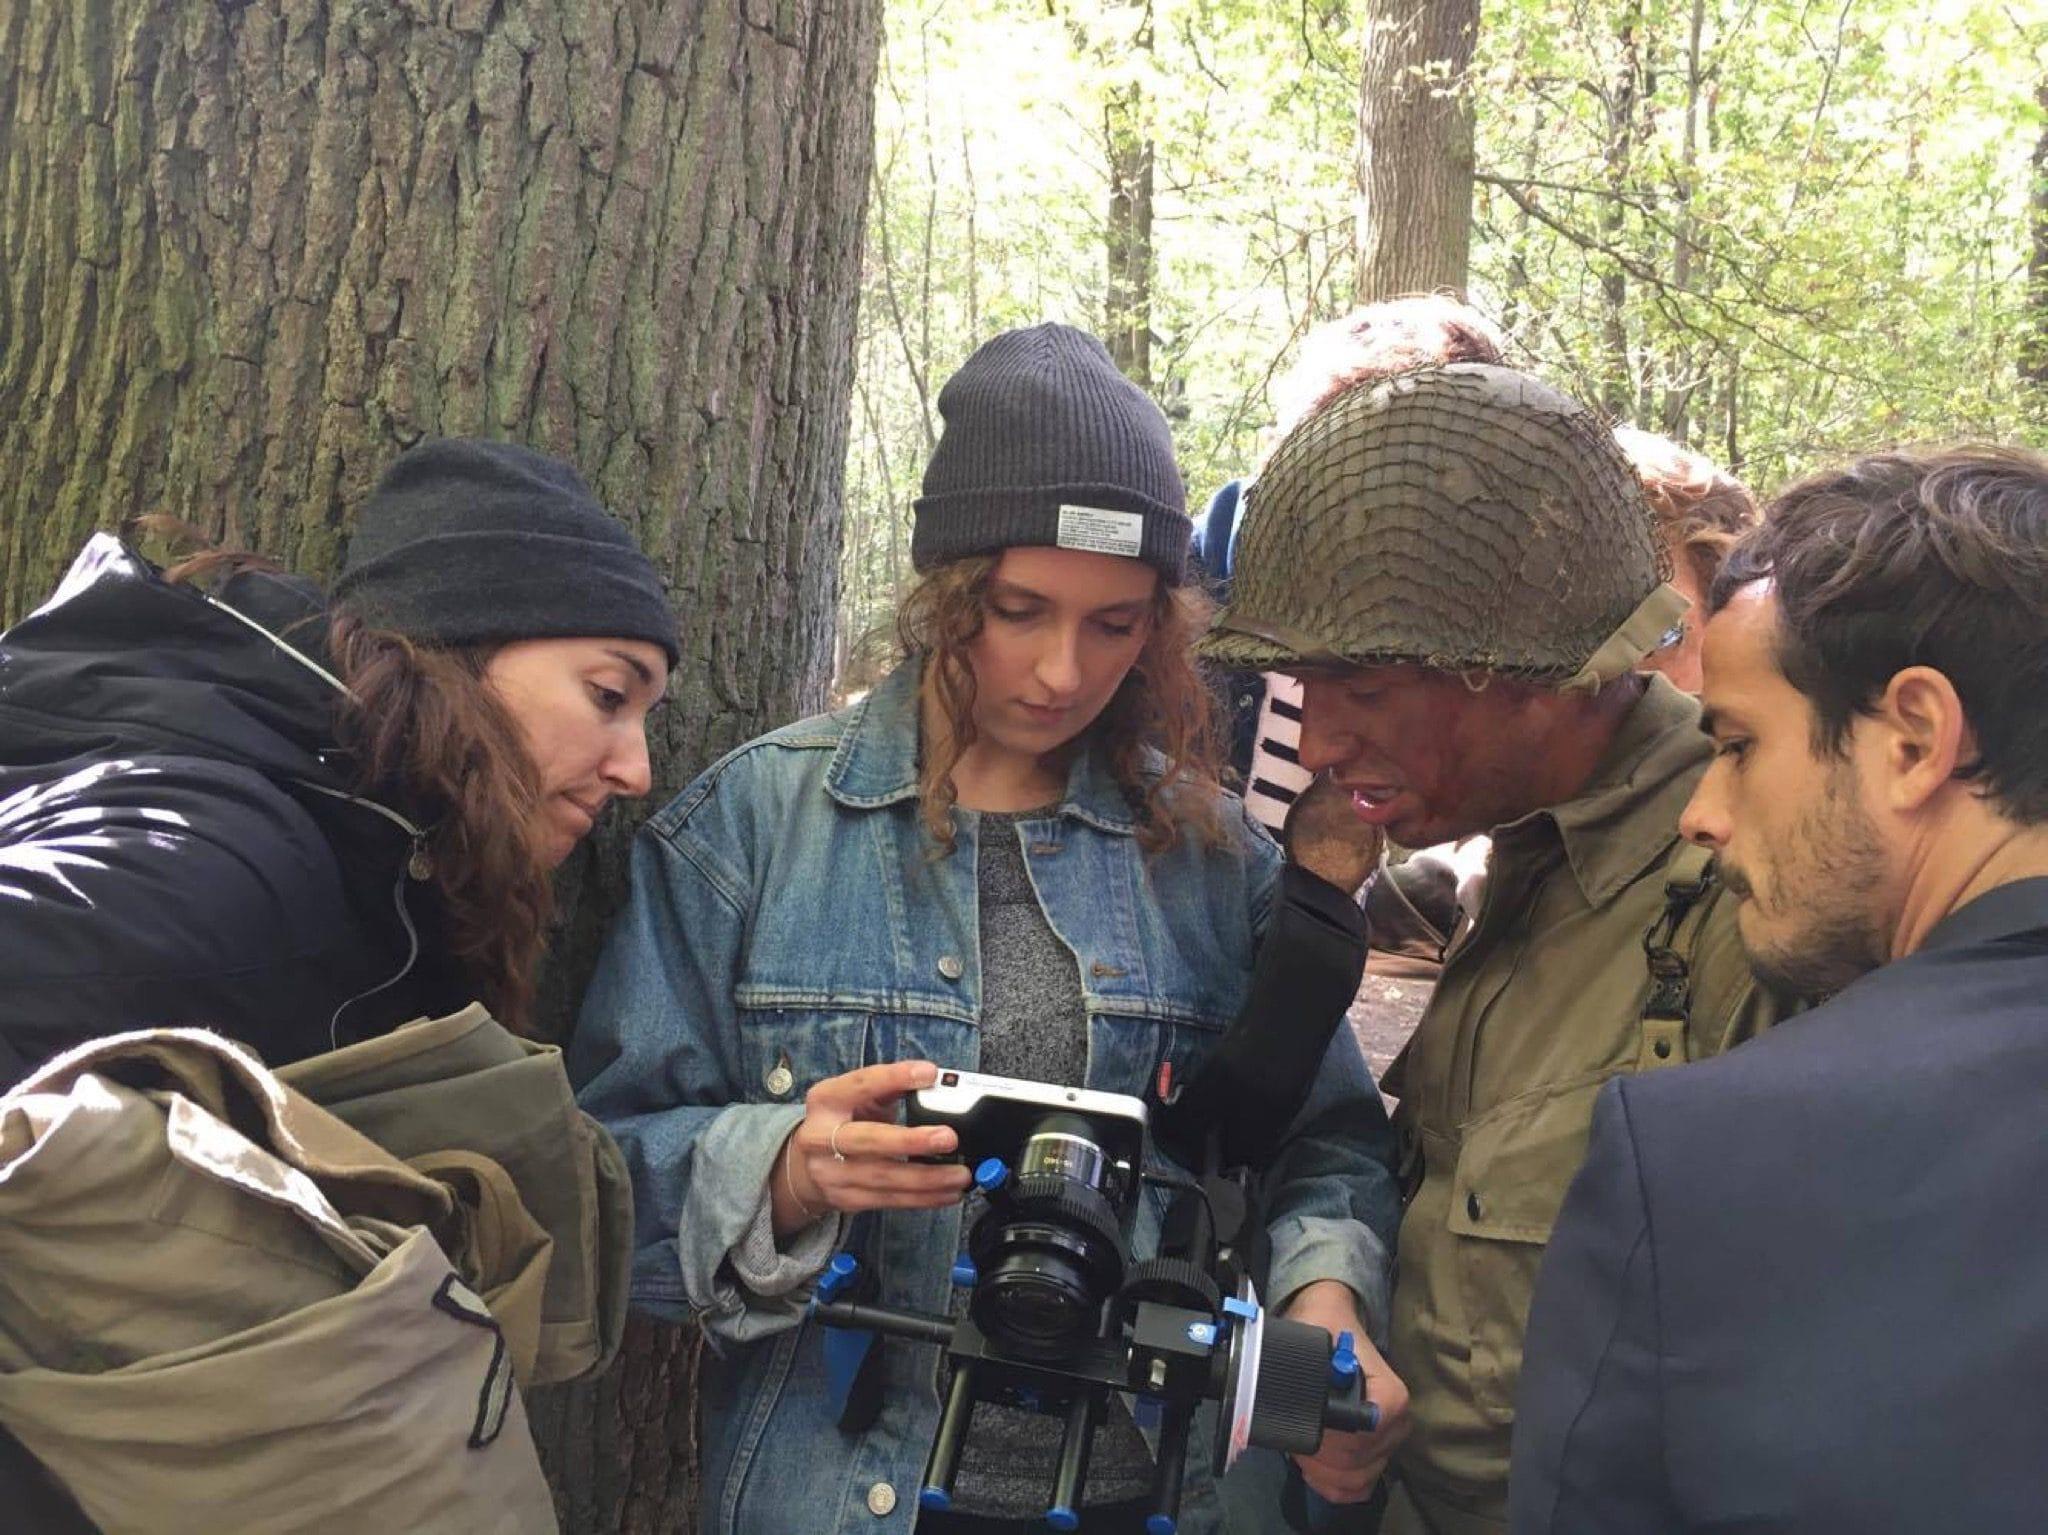 Seltsam saison 2 image tournage-3